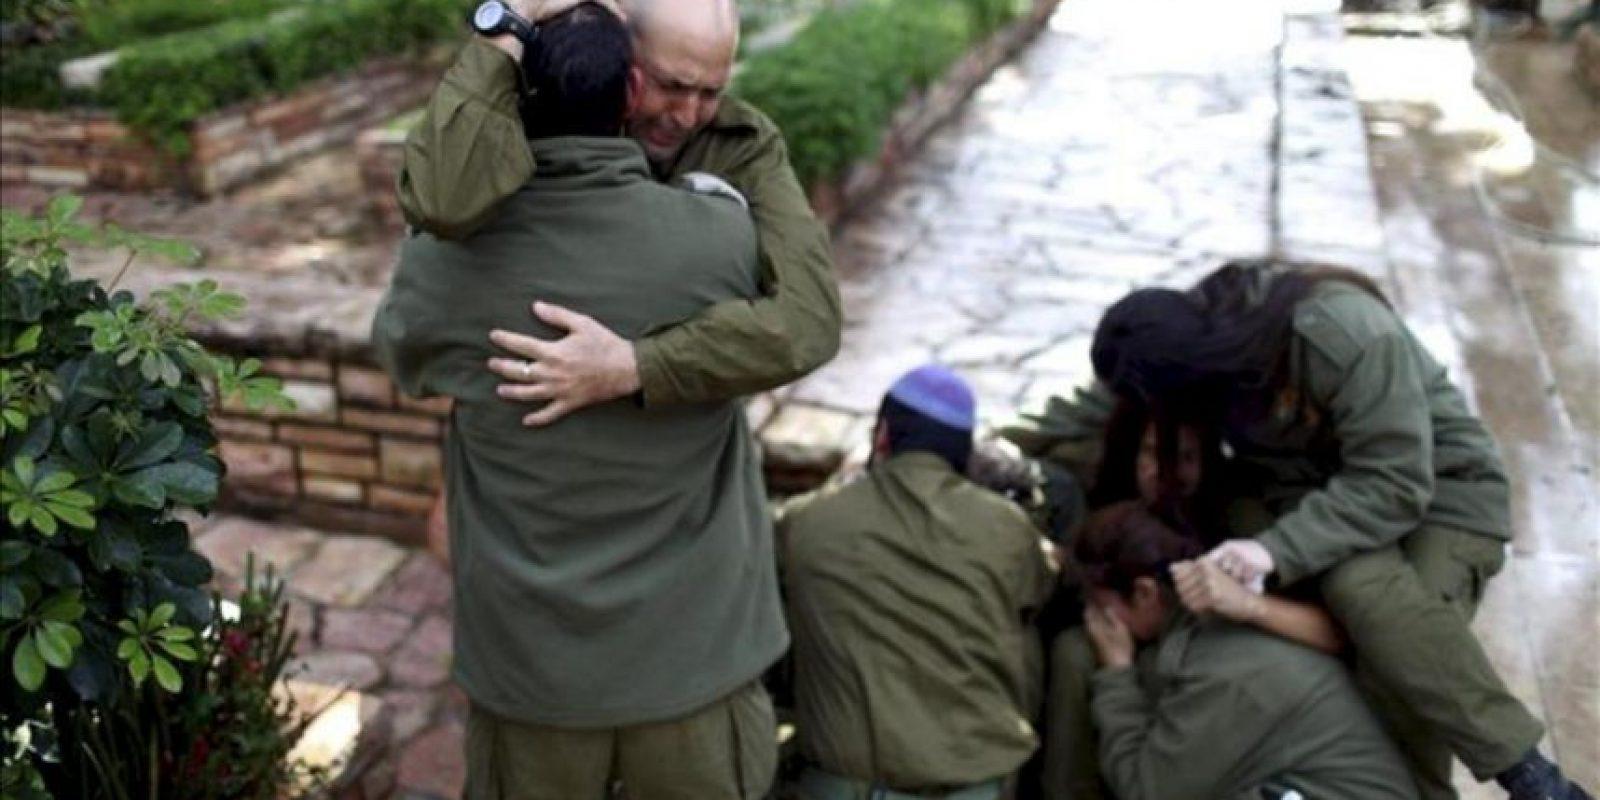 Soldados israelíes, amigos del soldado de reserva israelí Boris Yarmolnik, de 28 años, se abrazan durante su funeral hoy en el cementerio militar de Netanya (Israel). EFE